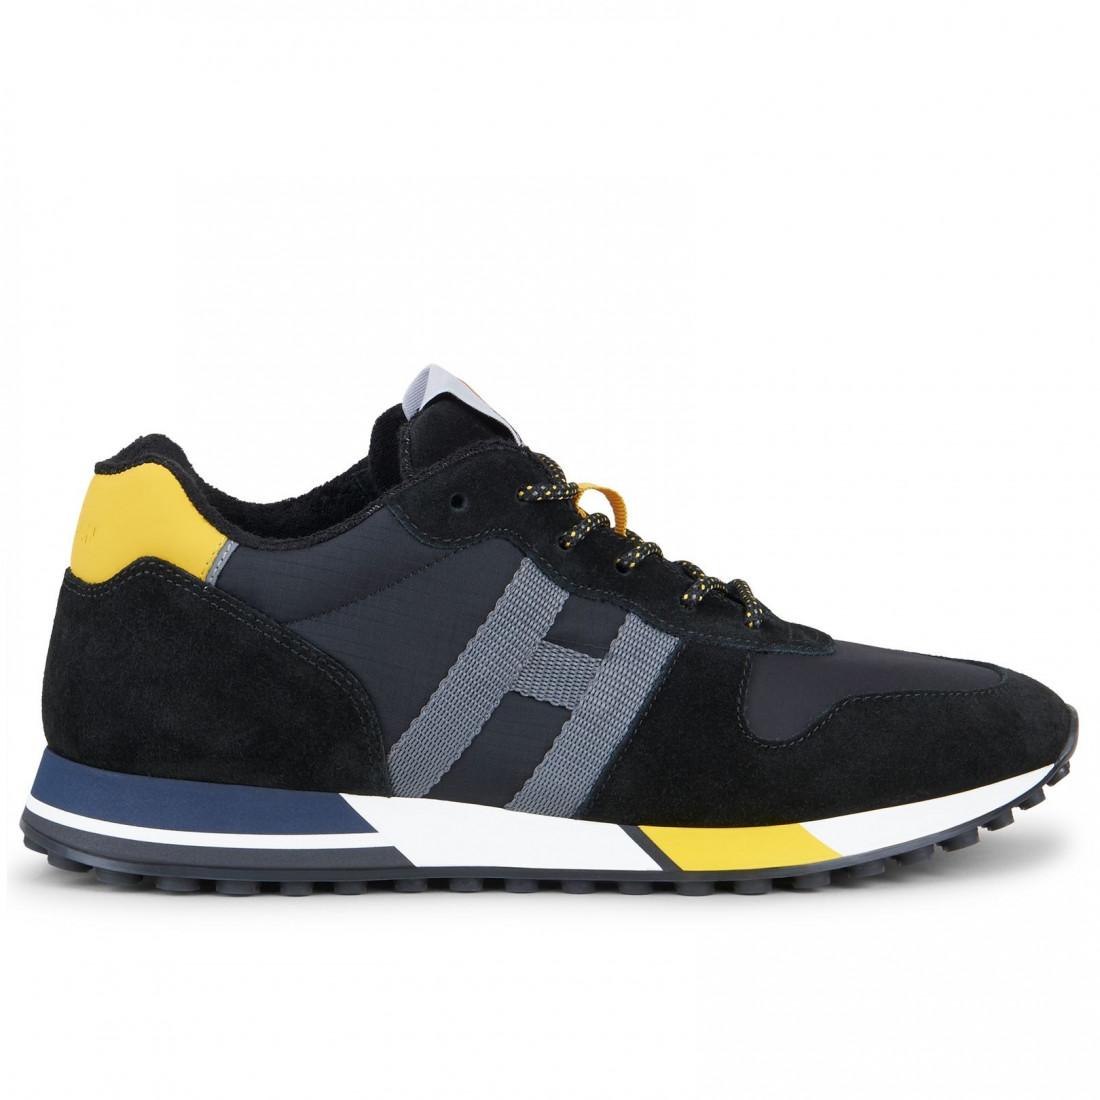 sneakers herren hogan hxm3830an51n4x691p 6649